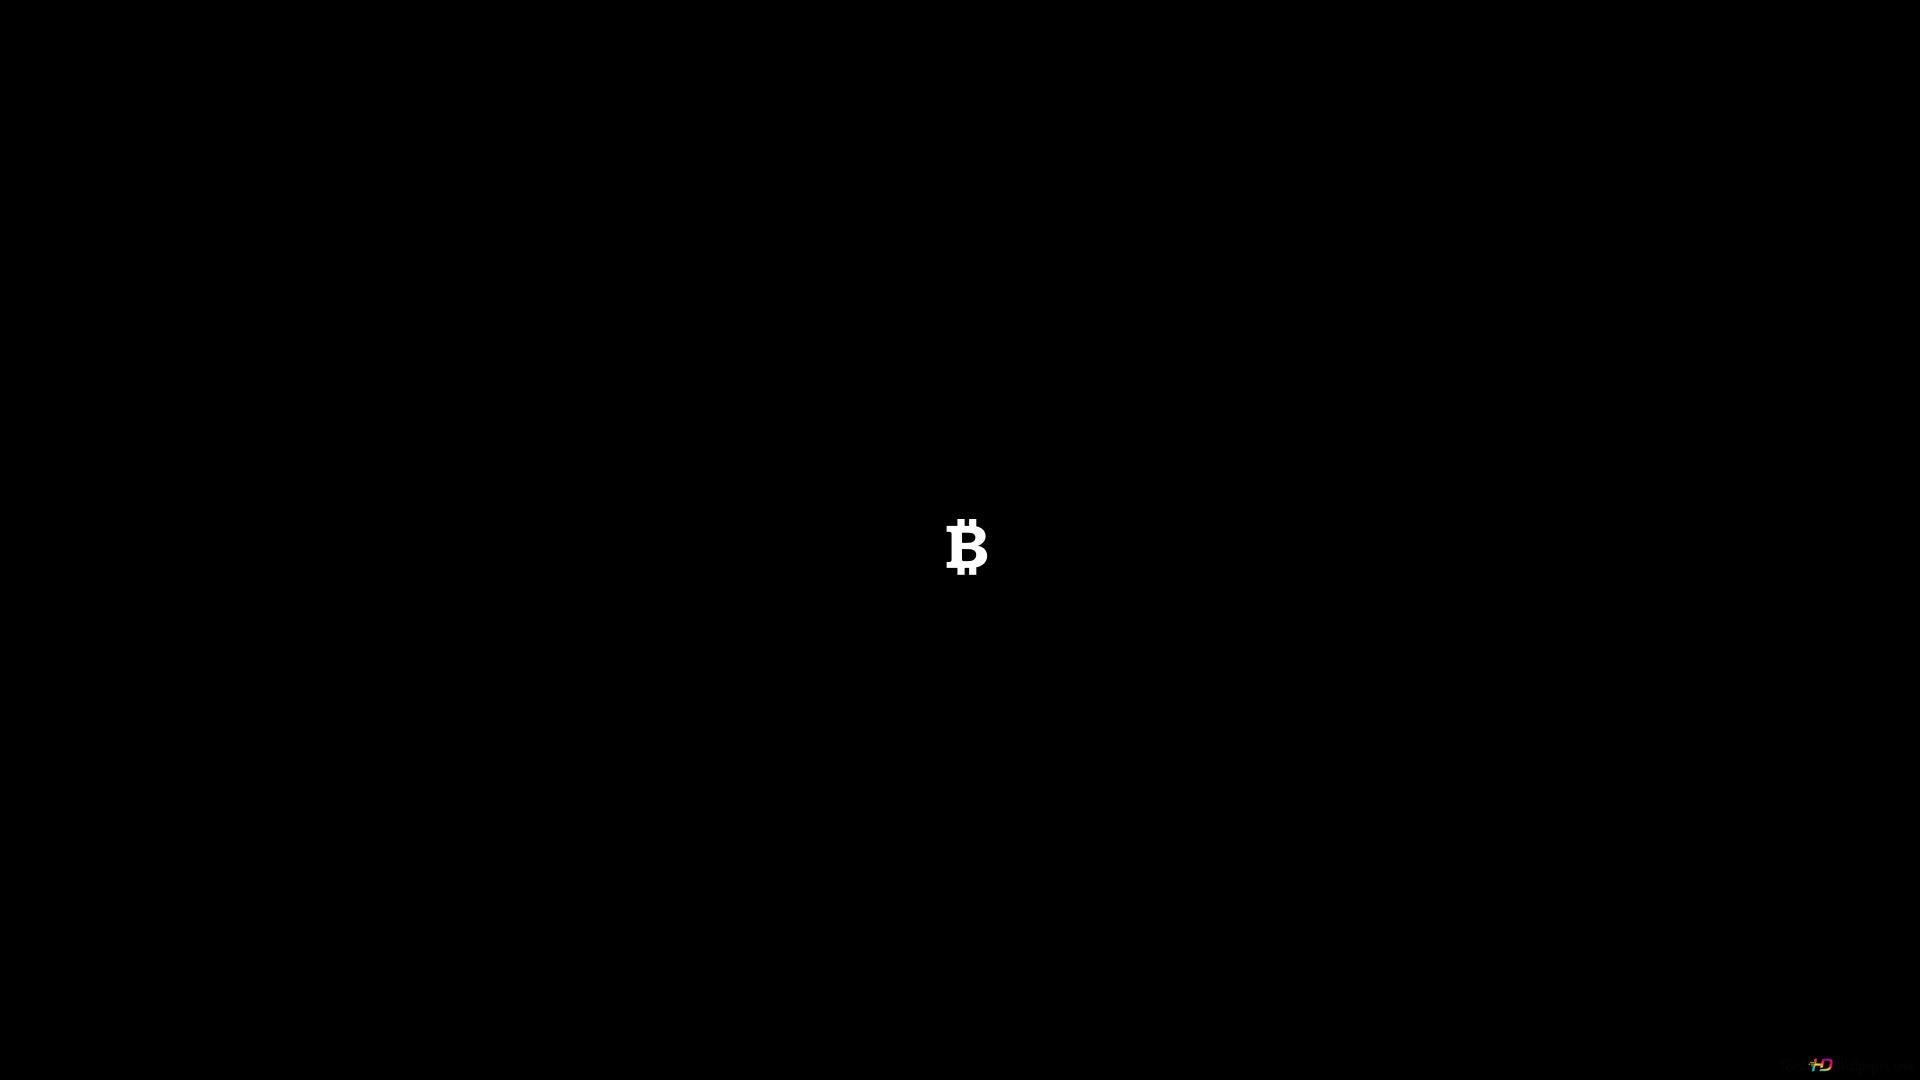 Bitcoin Minimalist Wallpaper Fullhd Hd Wallpaper Download